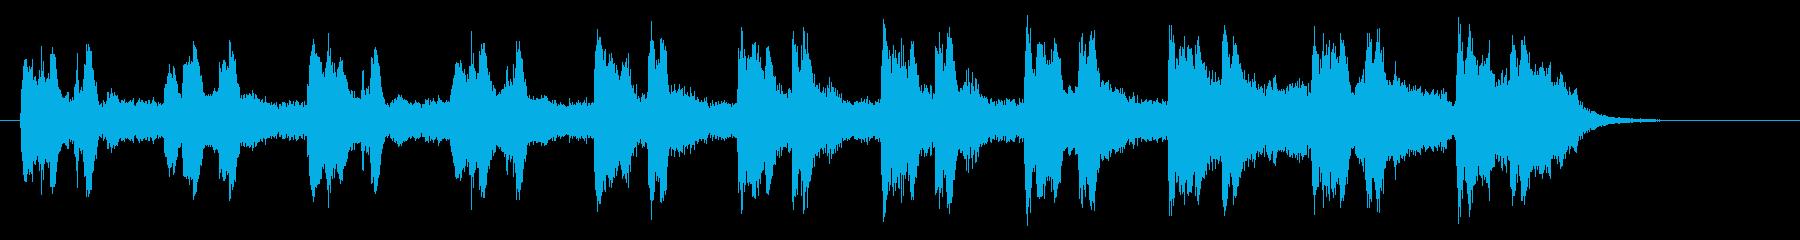 幻想的で静かなリラクゼーション音楽の再生済みの波形